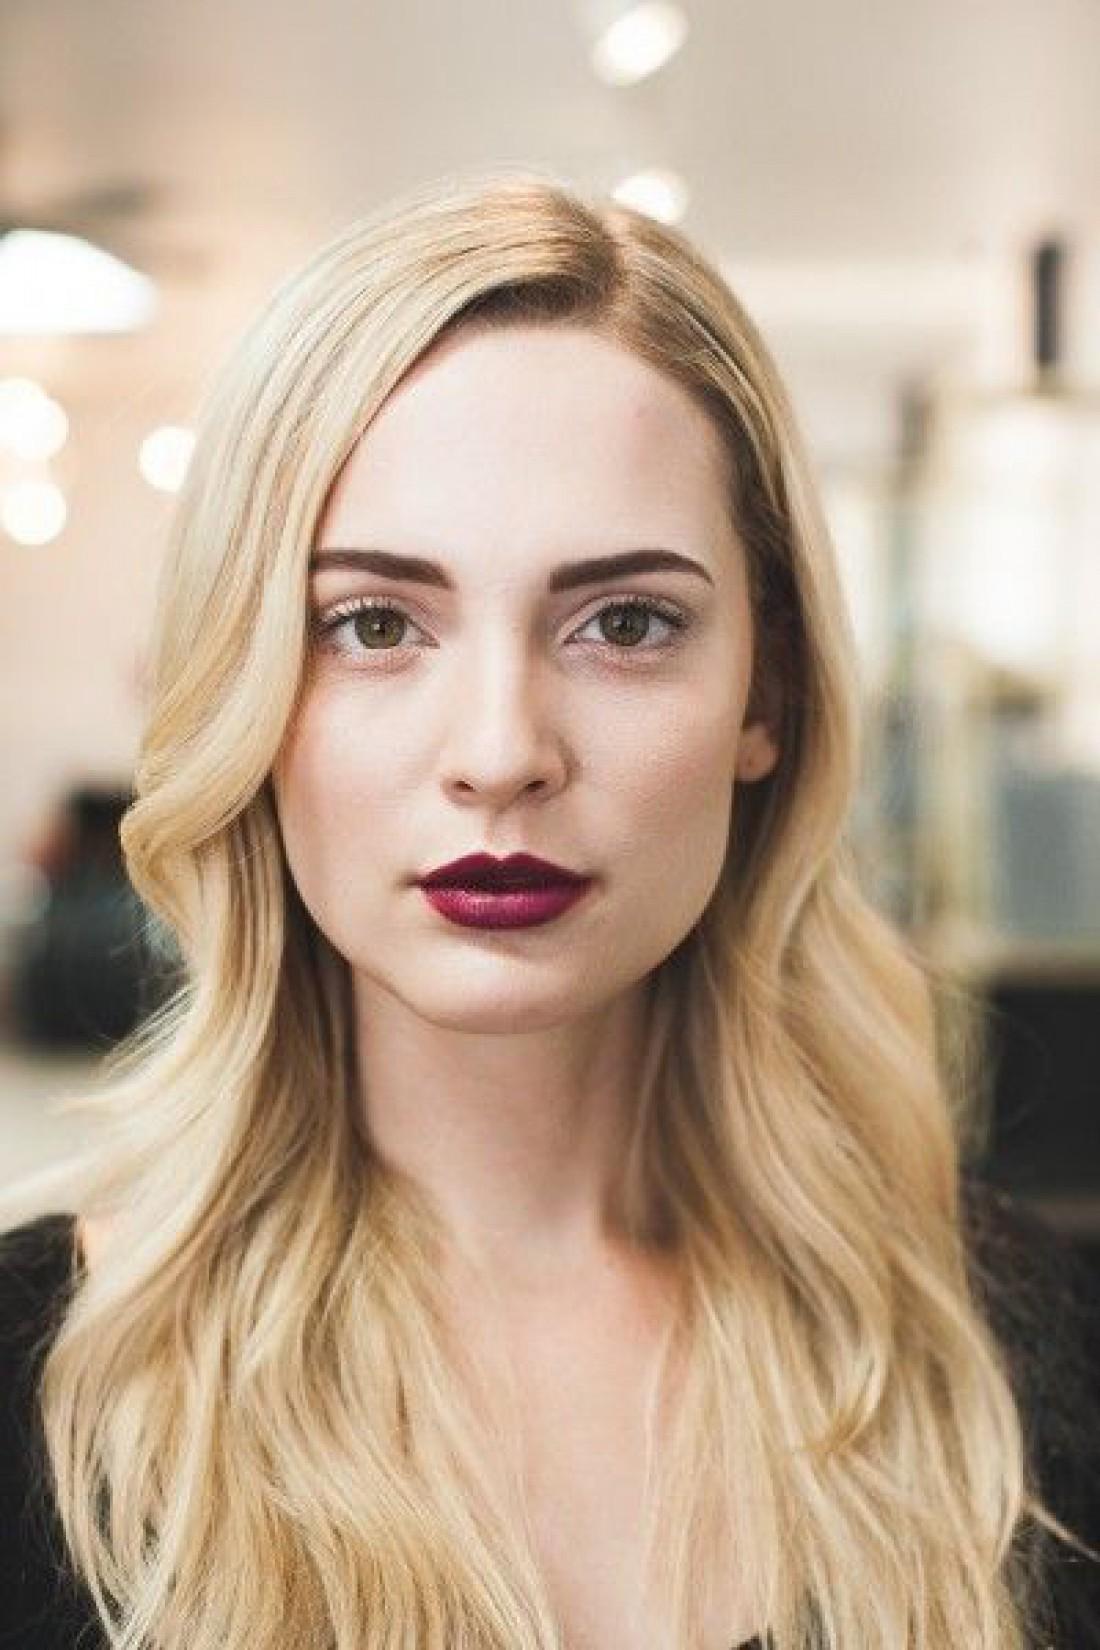 Модные оттенки помад на лето 2019 для блондинок, брюнеток и рыжих